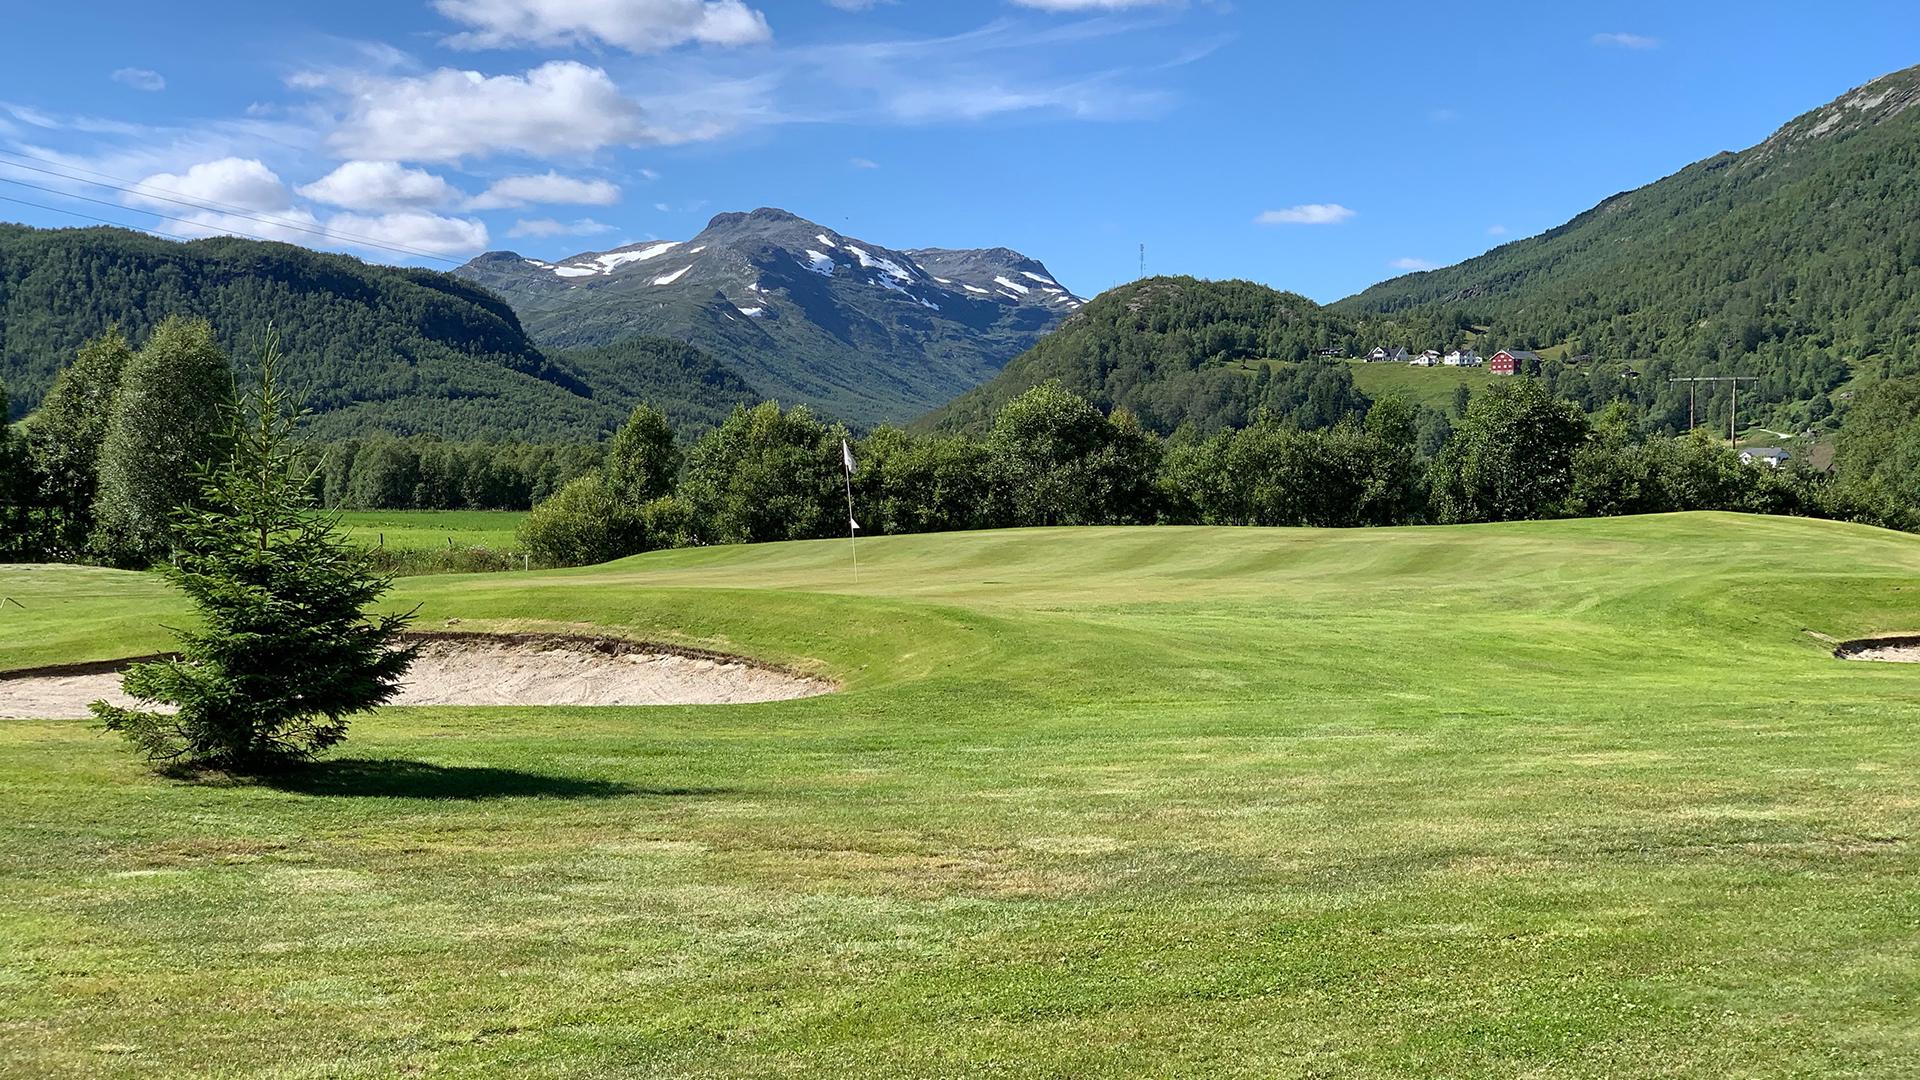 Golfbanen ligger rett utenfor Vaarstølen. Foto Solheinsen Skisenter, Kaj Zackrisson.